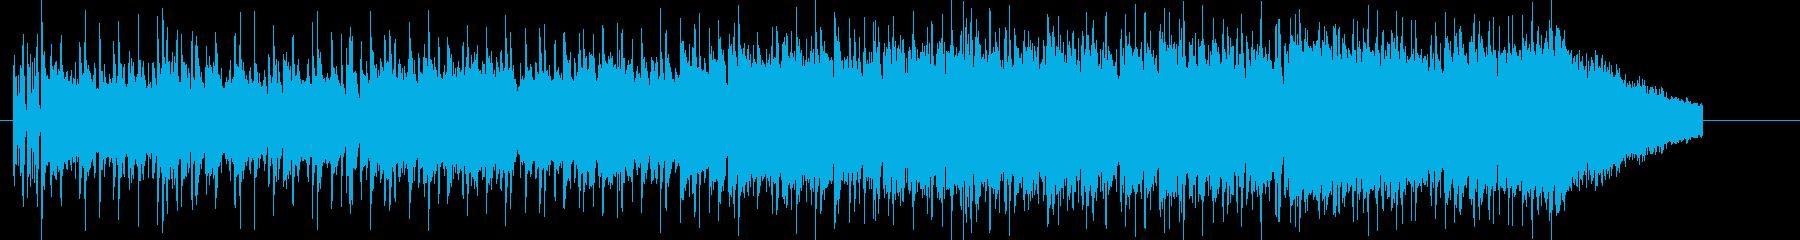 軽快実直な8ビート・ロックの再生済みの波形